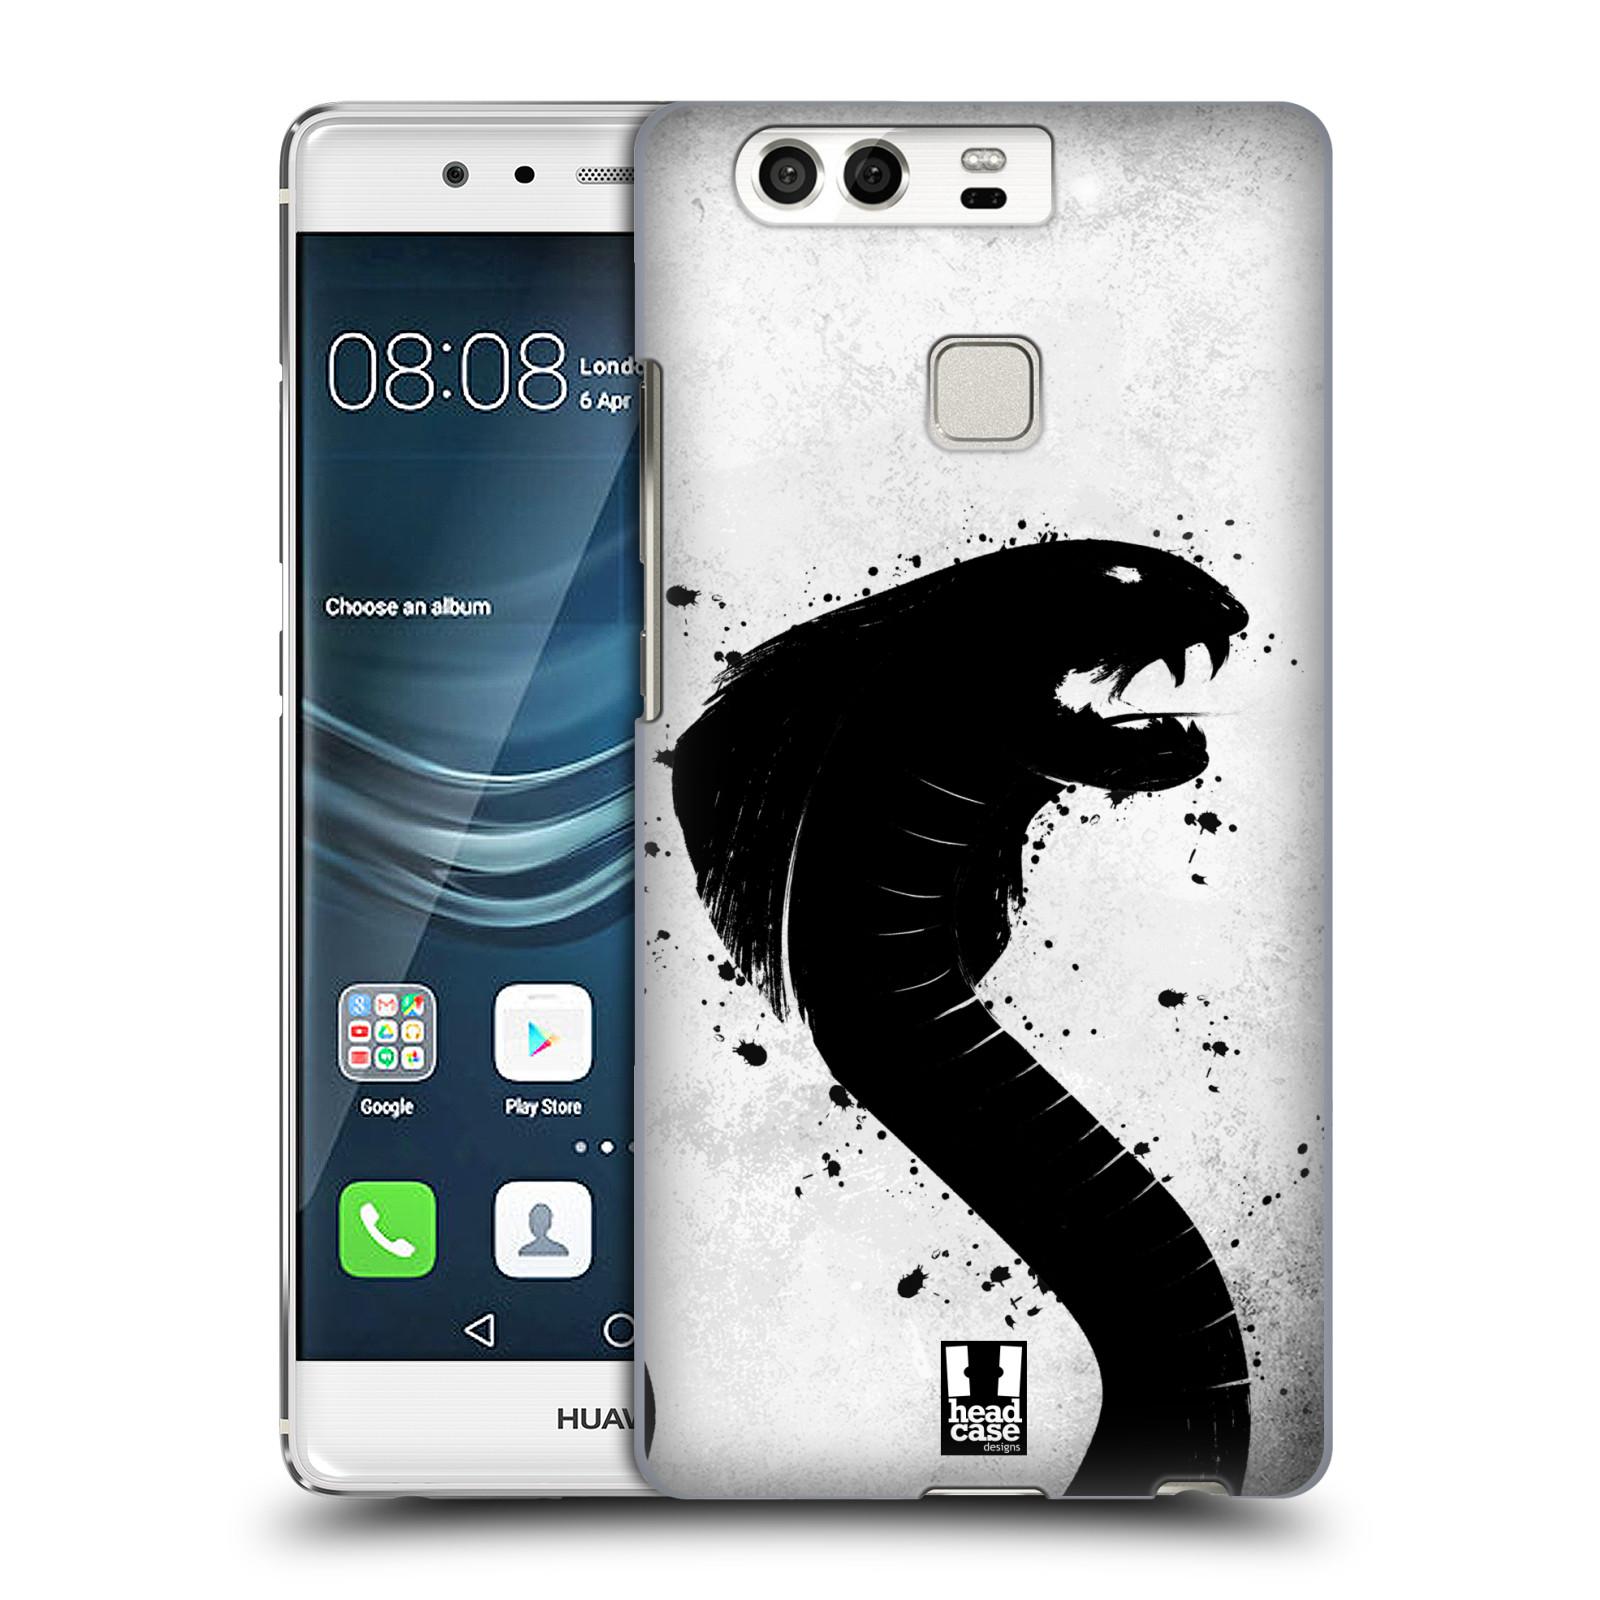 HEAD CASE plastový obal na mobil Huawei P9 / P9 DUAL SIM vzor Kresba tuš zvíře had kobra